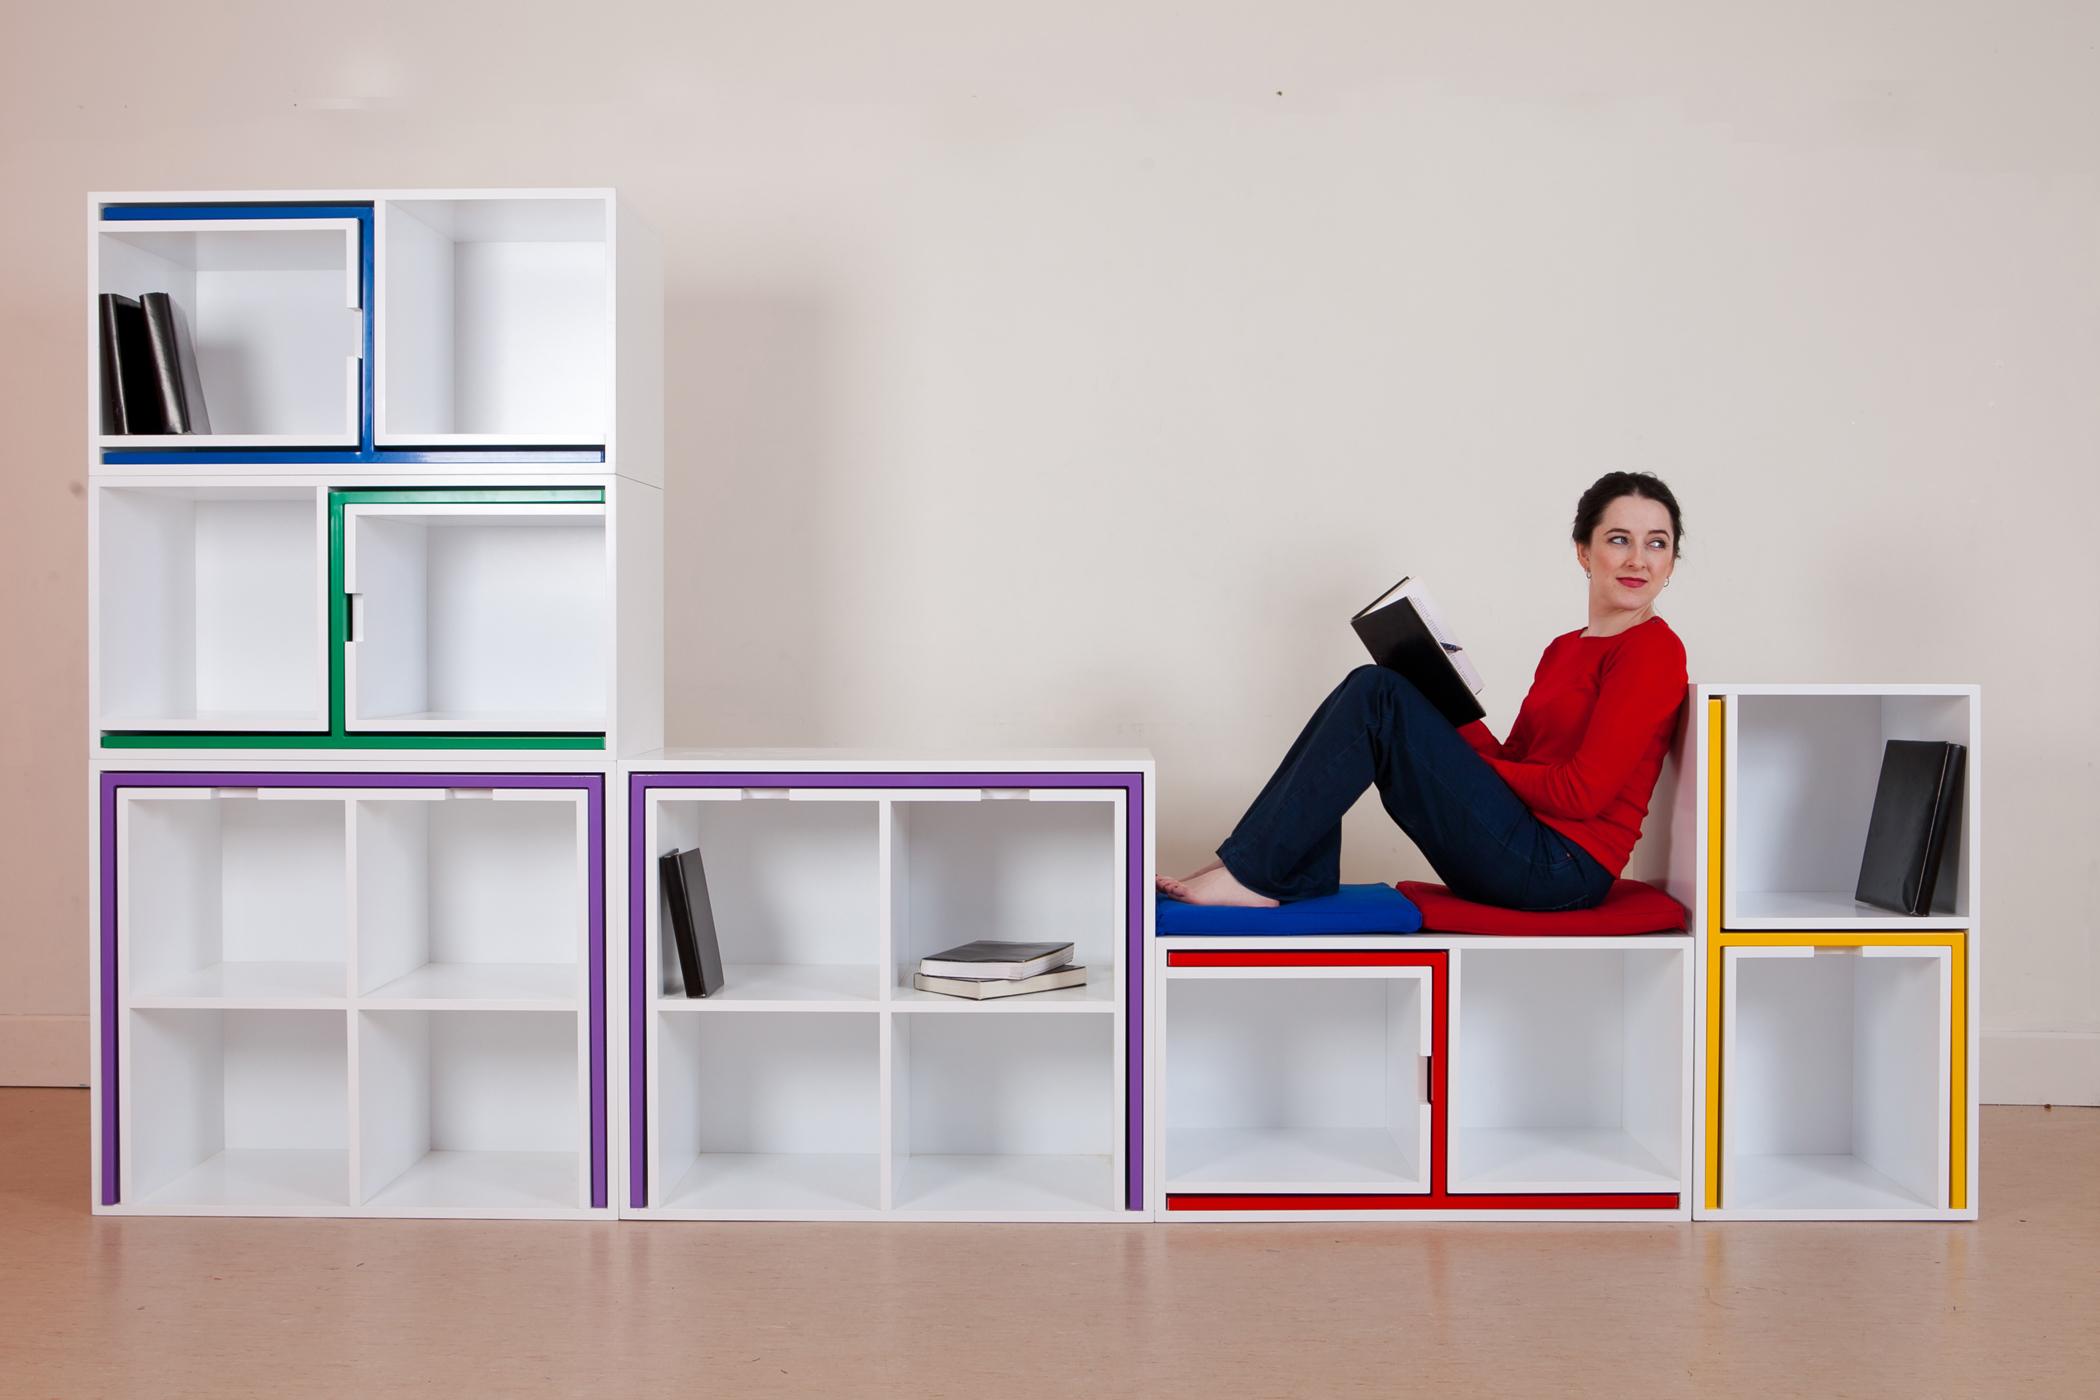 Трансформирующаяся мебель для небольших помещений - ваші гро.